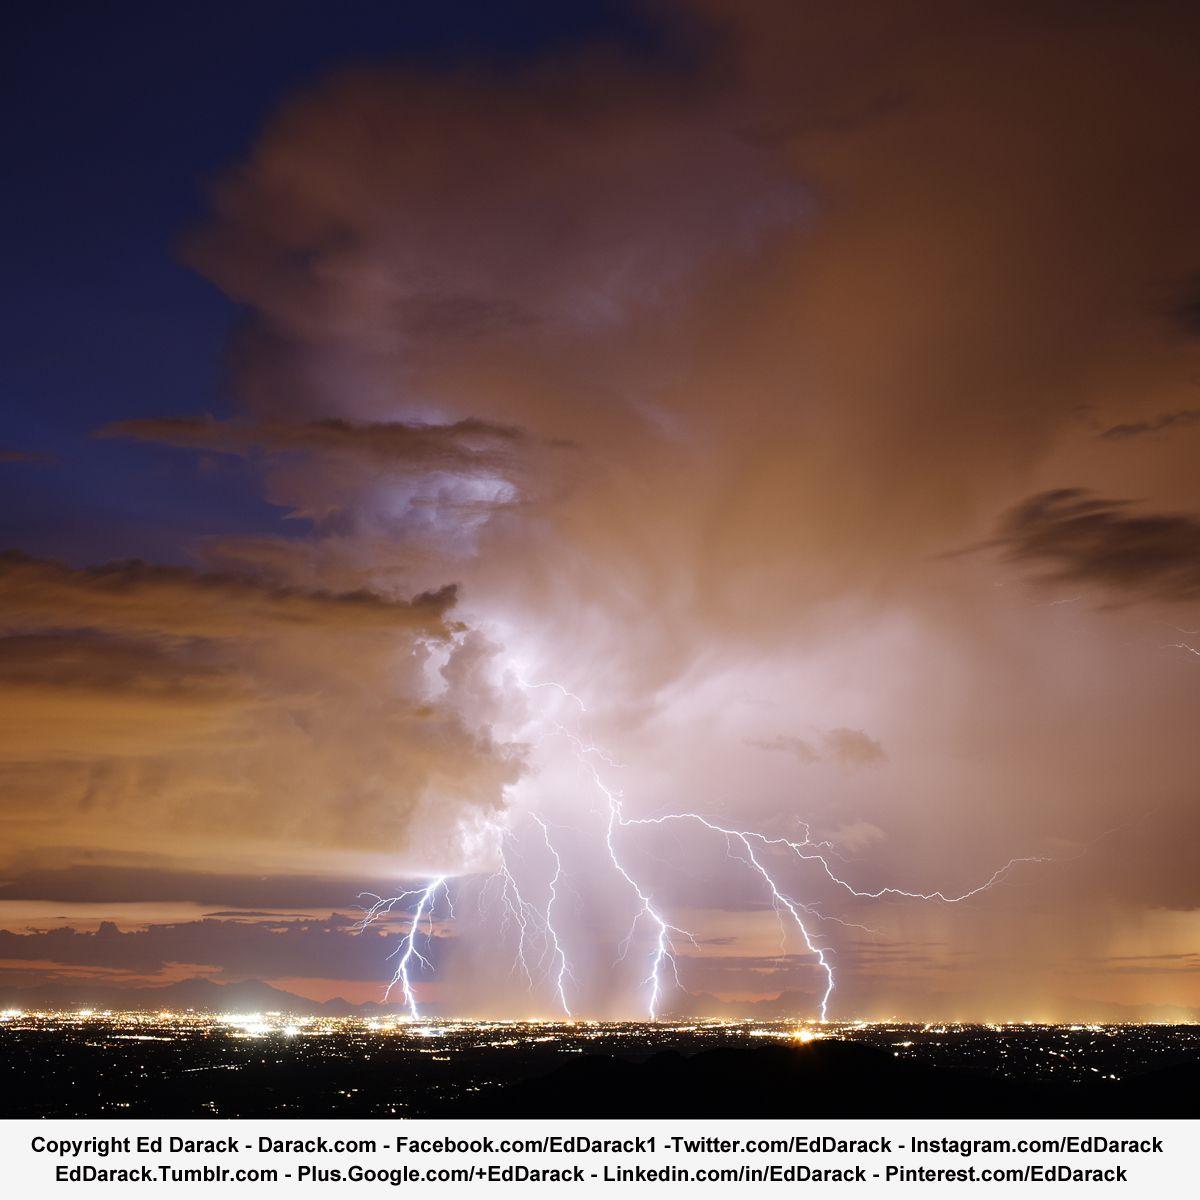 Lightning Storm Over Tucson, Arizona at Dusk. Weather Photography. Meteorology. Lightning Bolts. Copyright Ed Darack